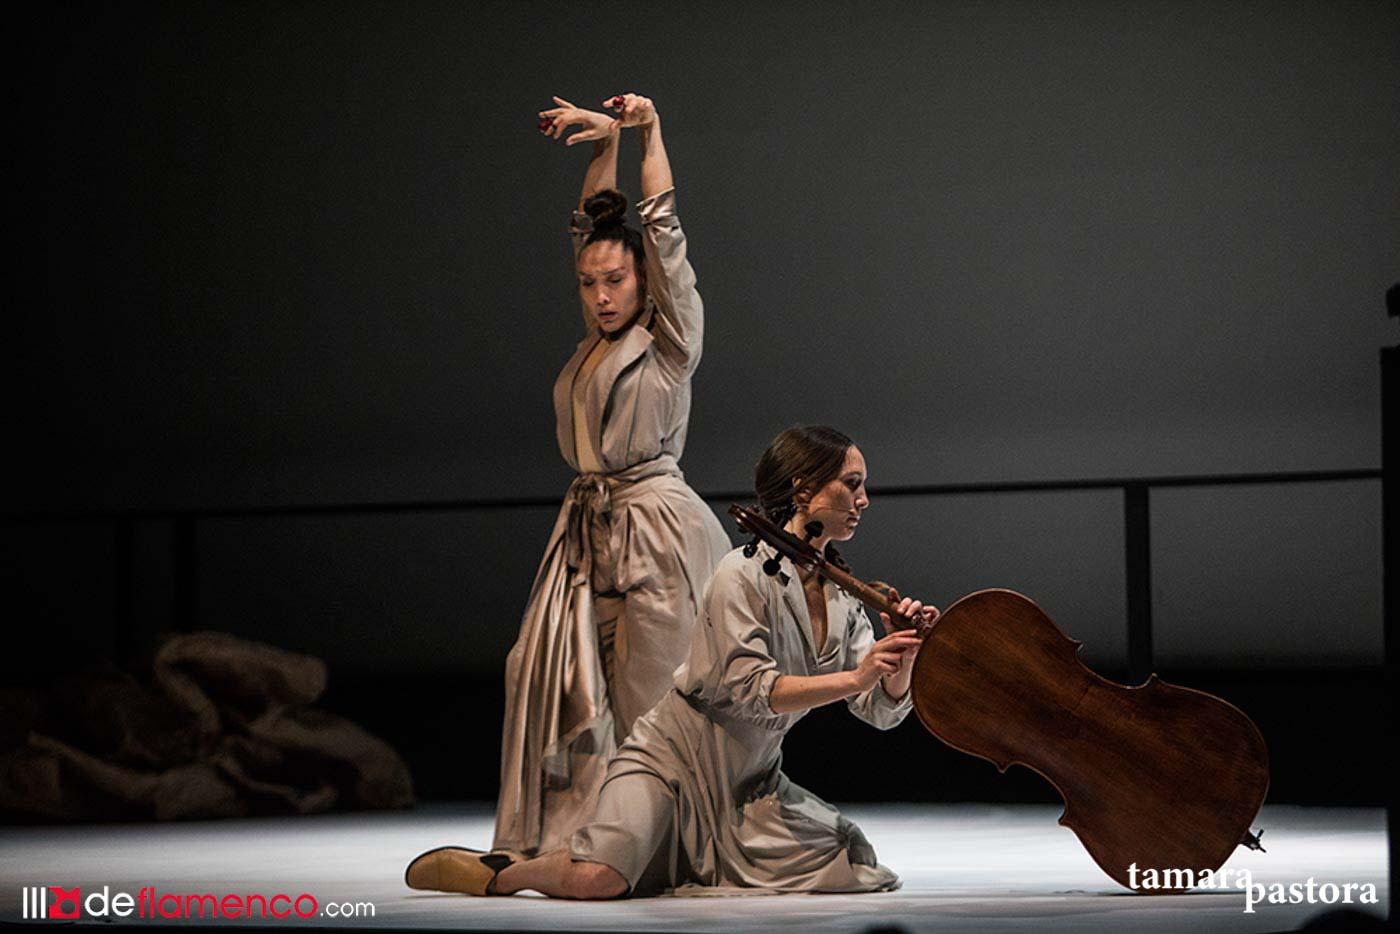 Florencia Oz & Isidora O'Ryan - Antípodas